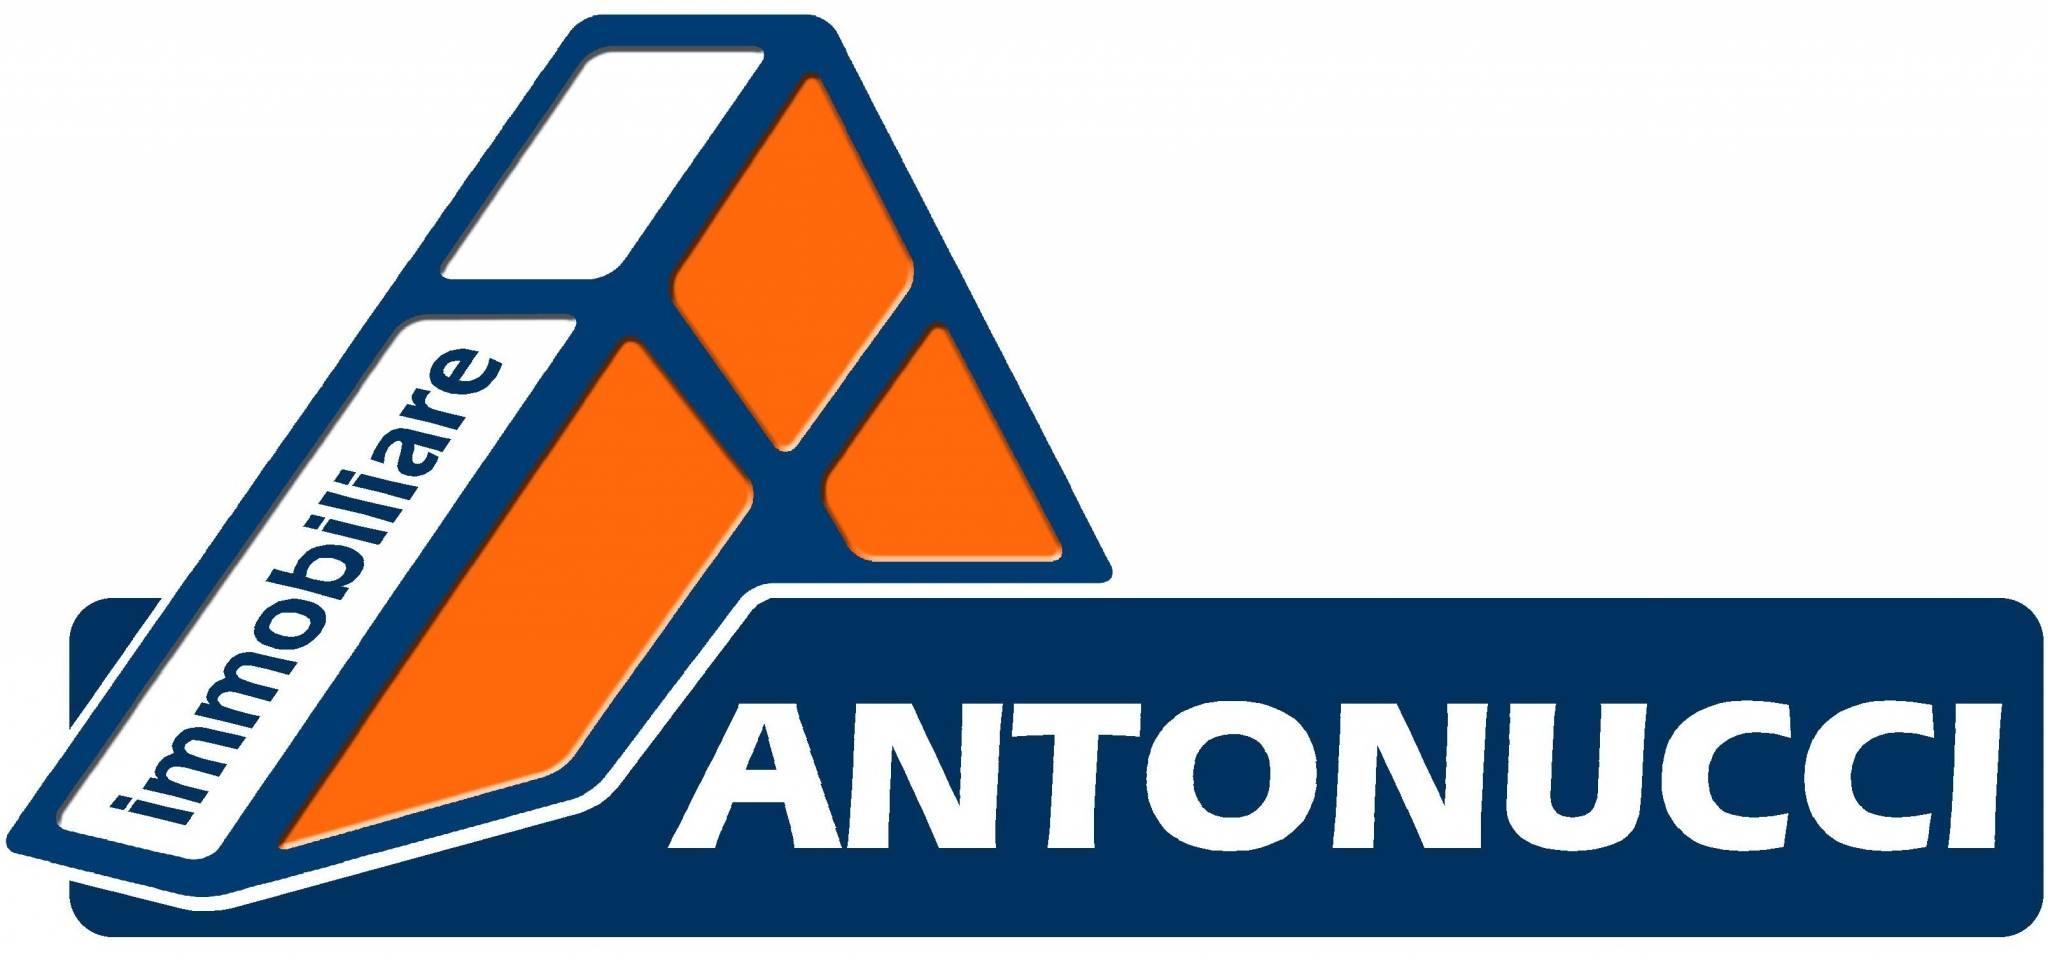 Antonucci immobiliare S.a.s di antonucci Filippo & C.